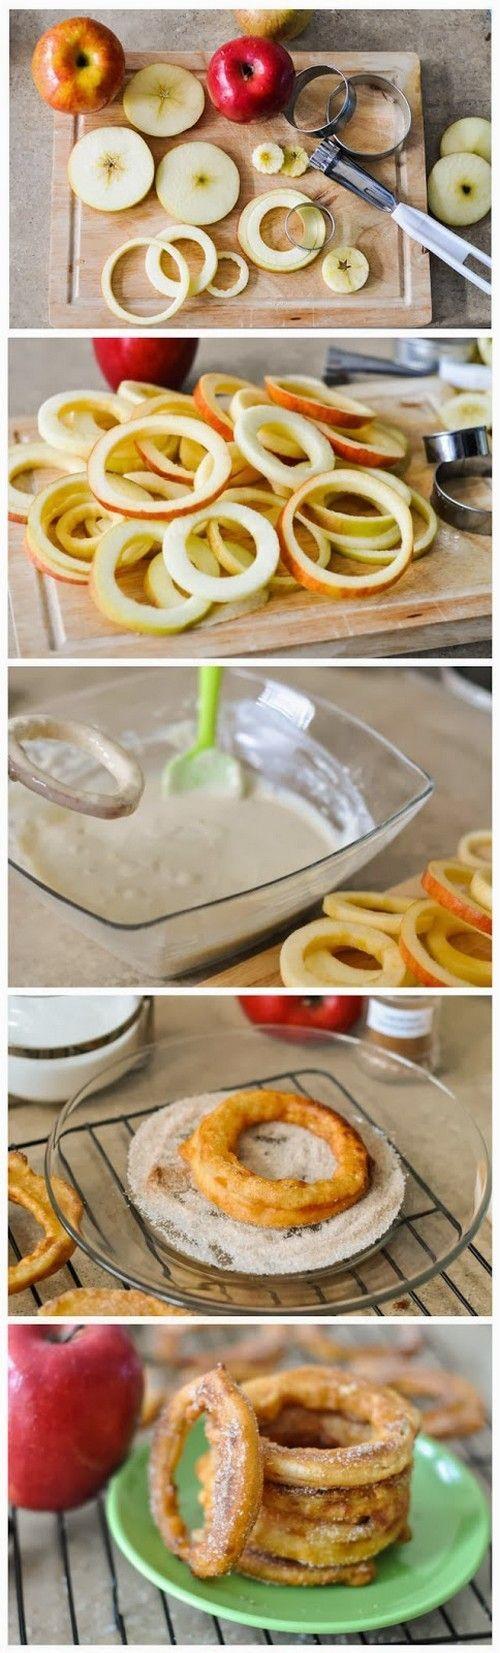 Anéis De Canela Da Maçã.  Anéis de maçã Delish mergulhado em uma massa deliciosa, frito à perfeição de ouro e jogado em uma mistura de açúcar de canela!